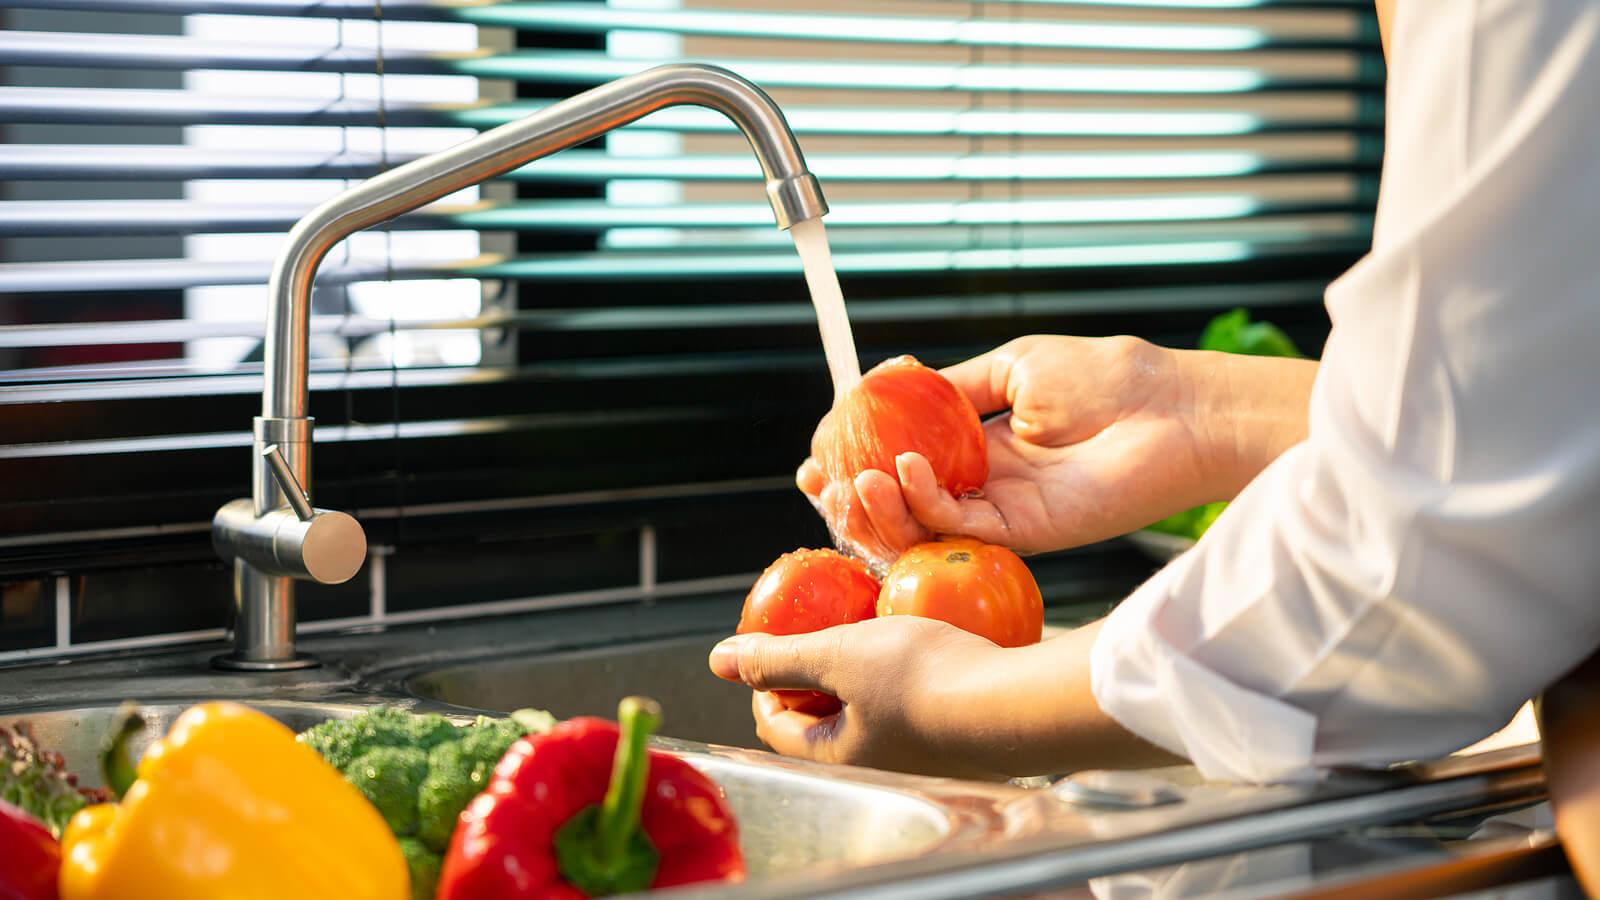 ¿Cómo lavar y desinfectar correctamente verduras y frutas?